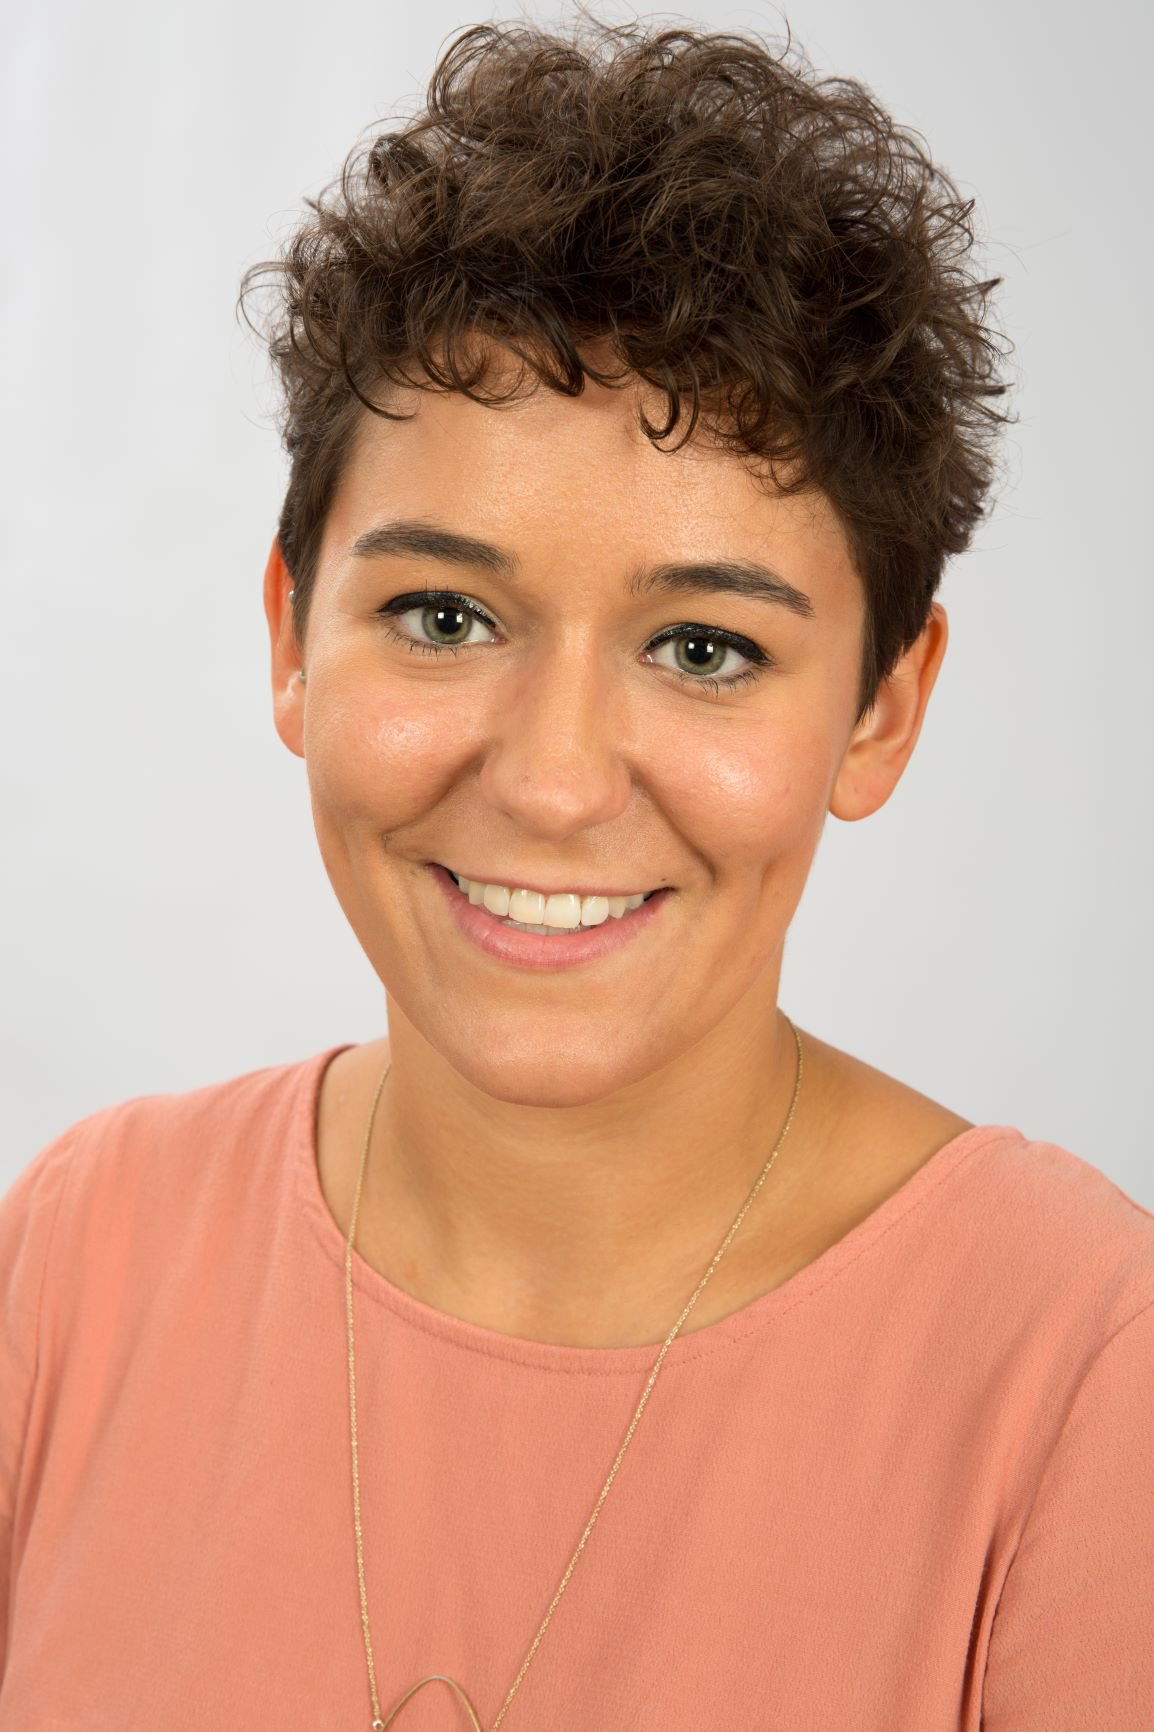 Valérie Bouckaert, unpaid en gerechtsdeurwaarderskantoor GDW-Gent